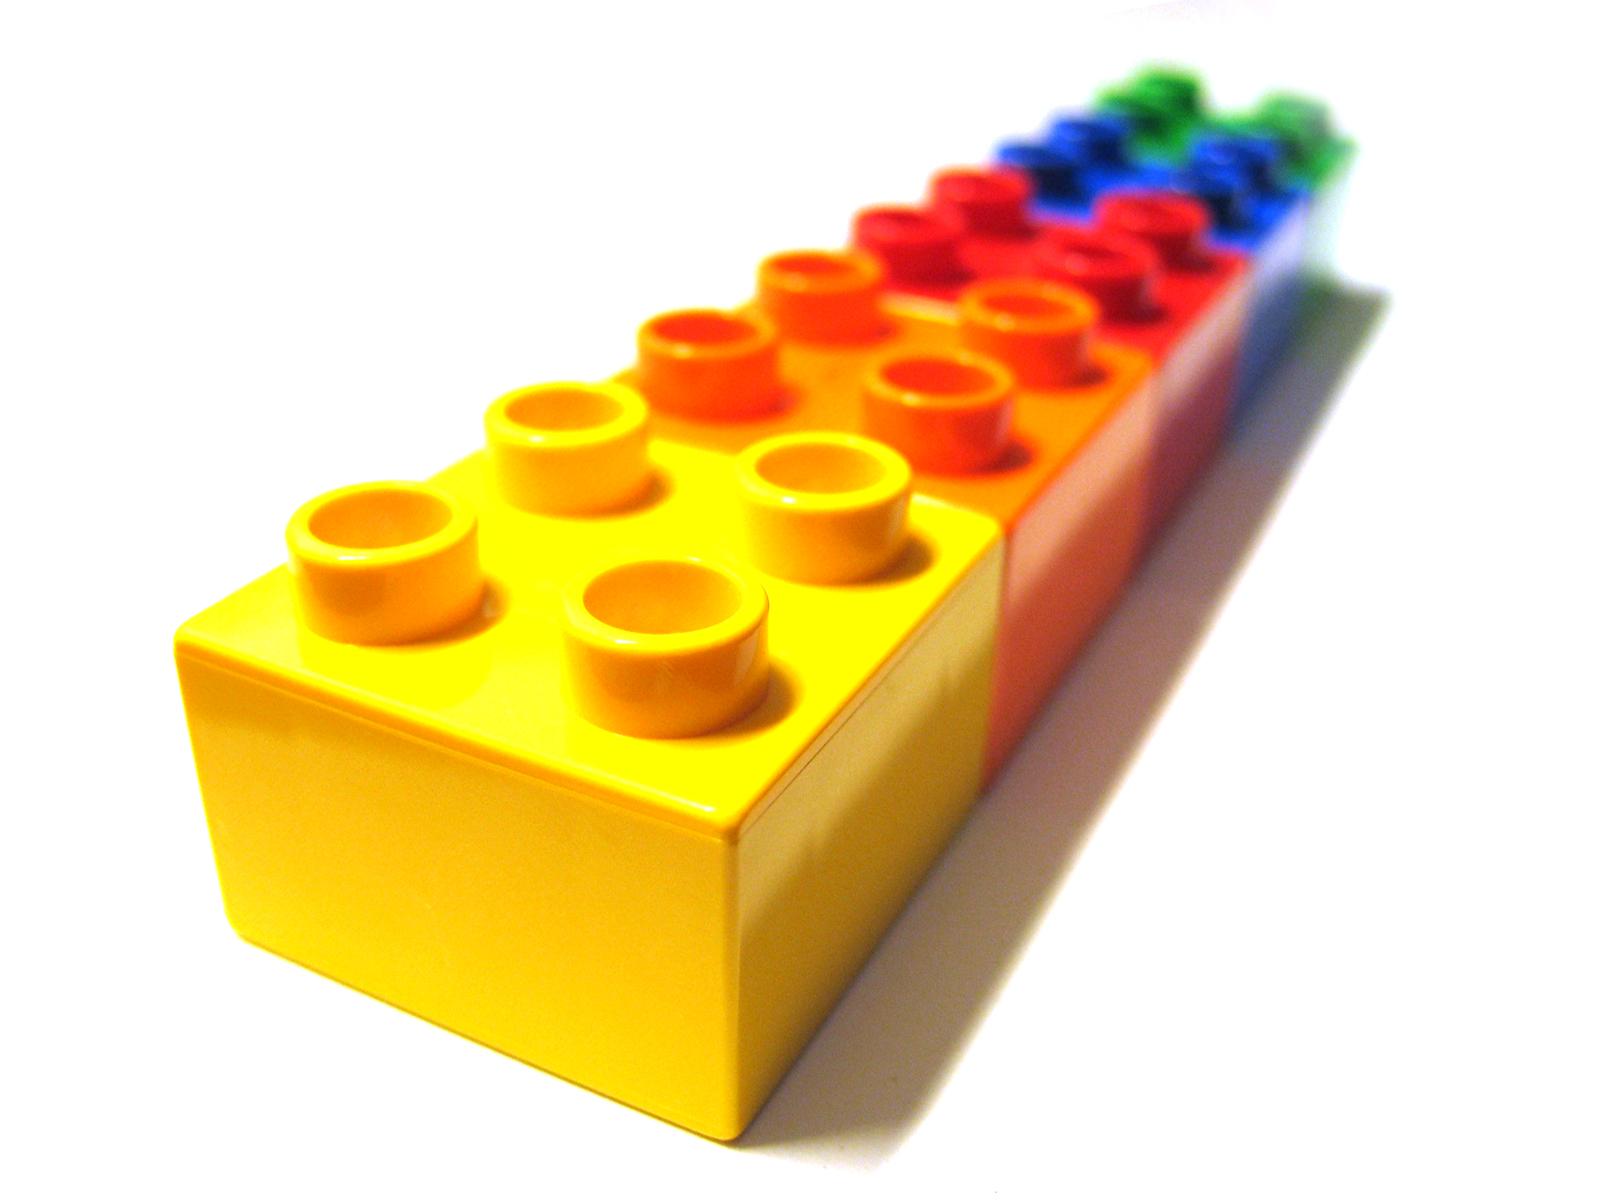 Lego & Worship